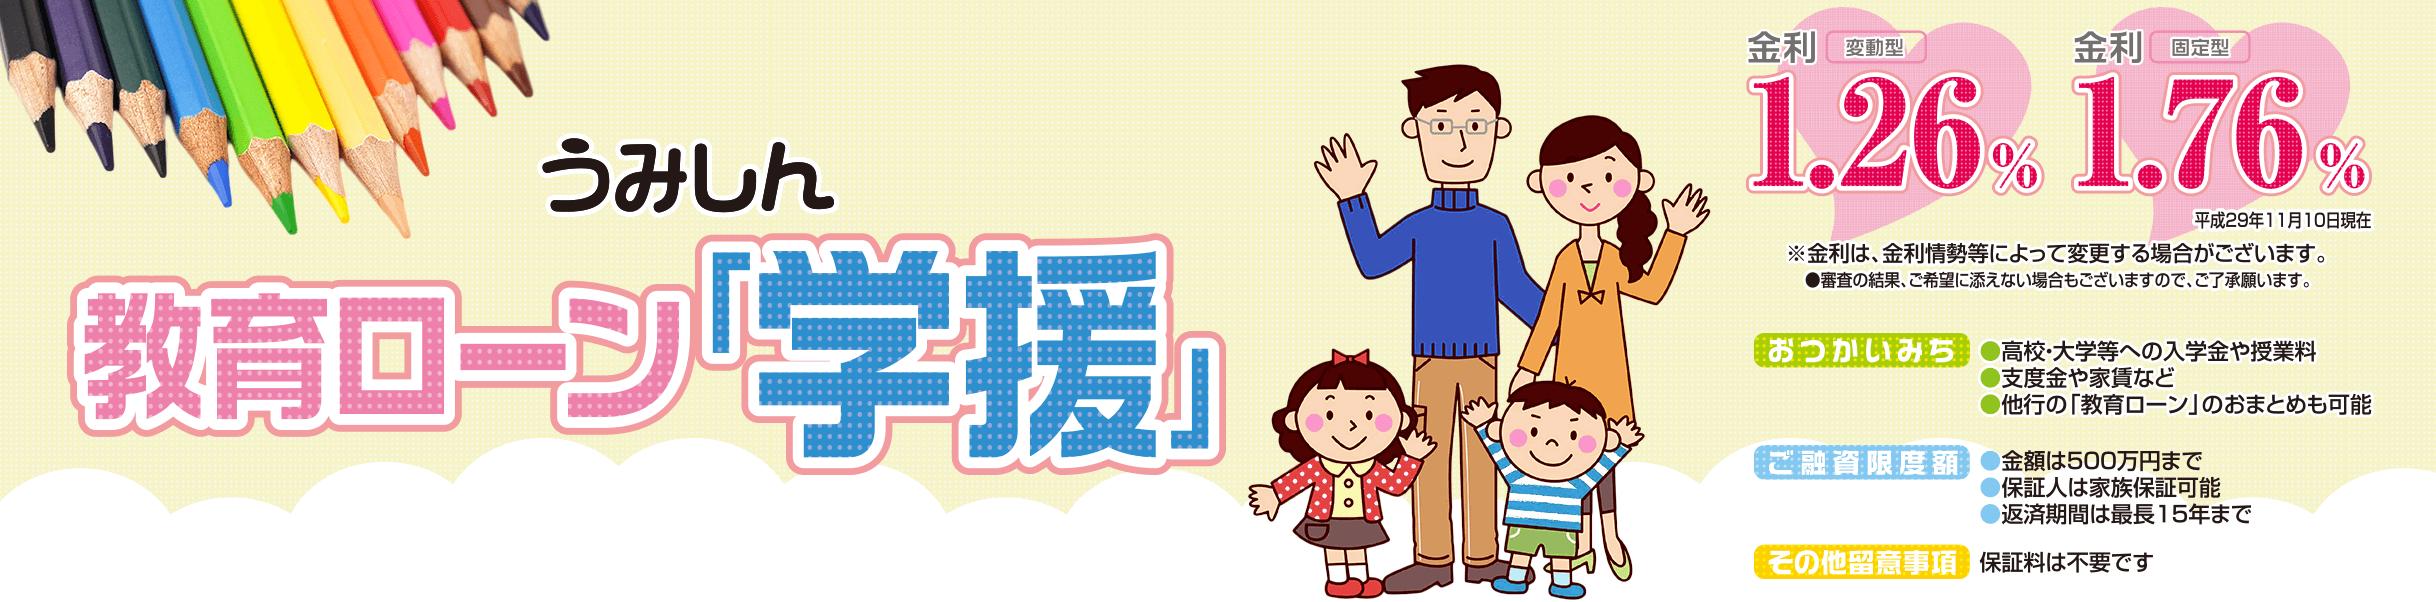 うみしん教育ローン「学援」